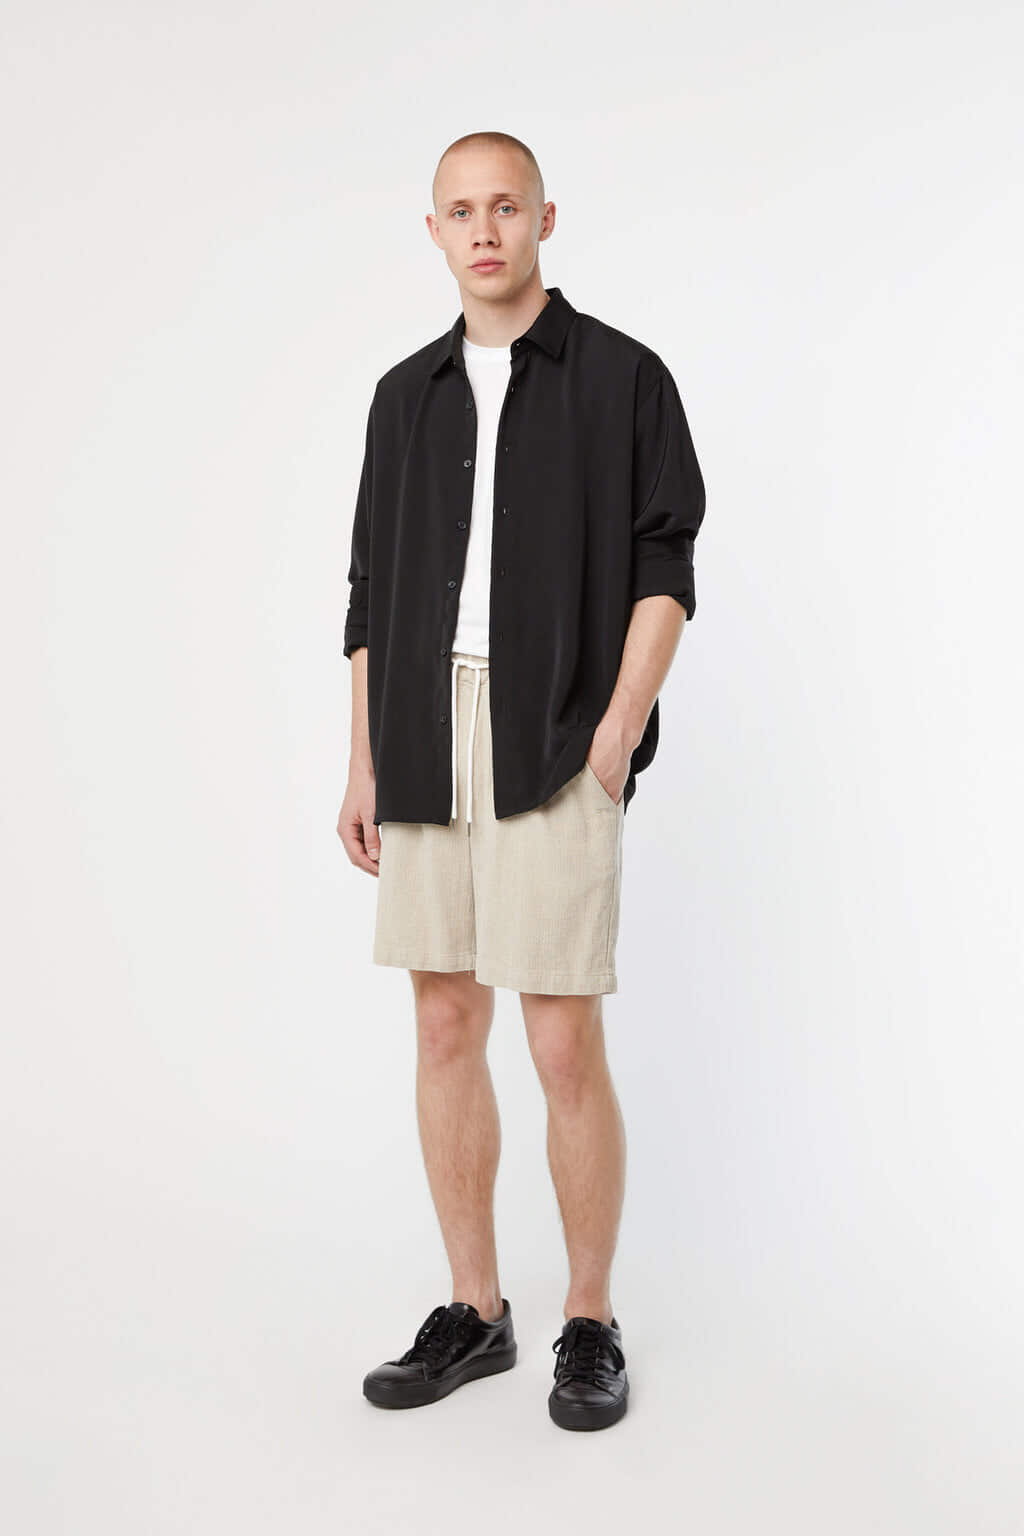 Shirt K002 Black 1